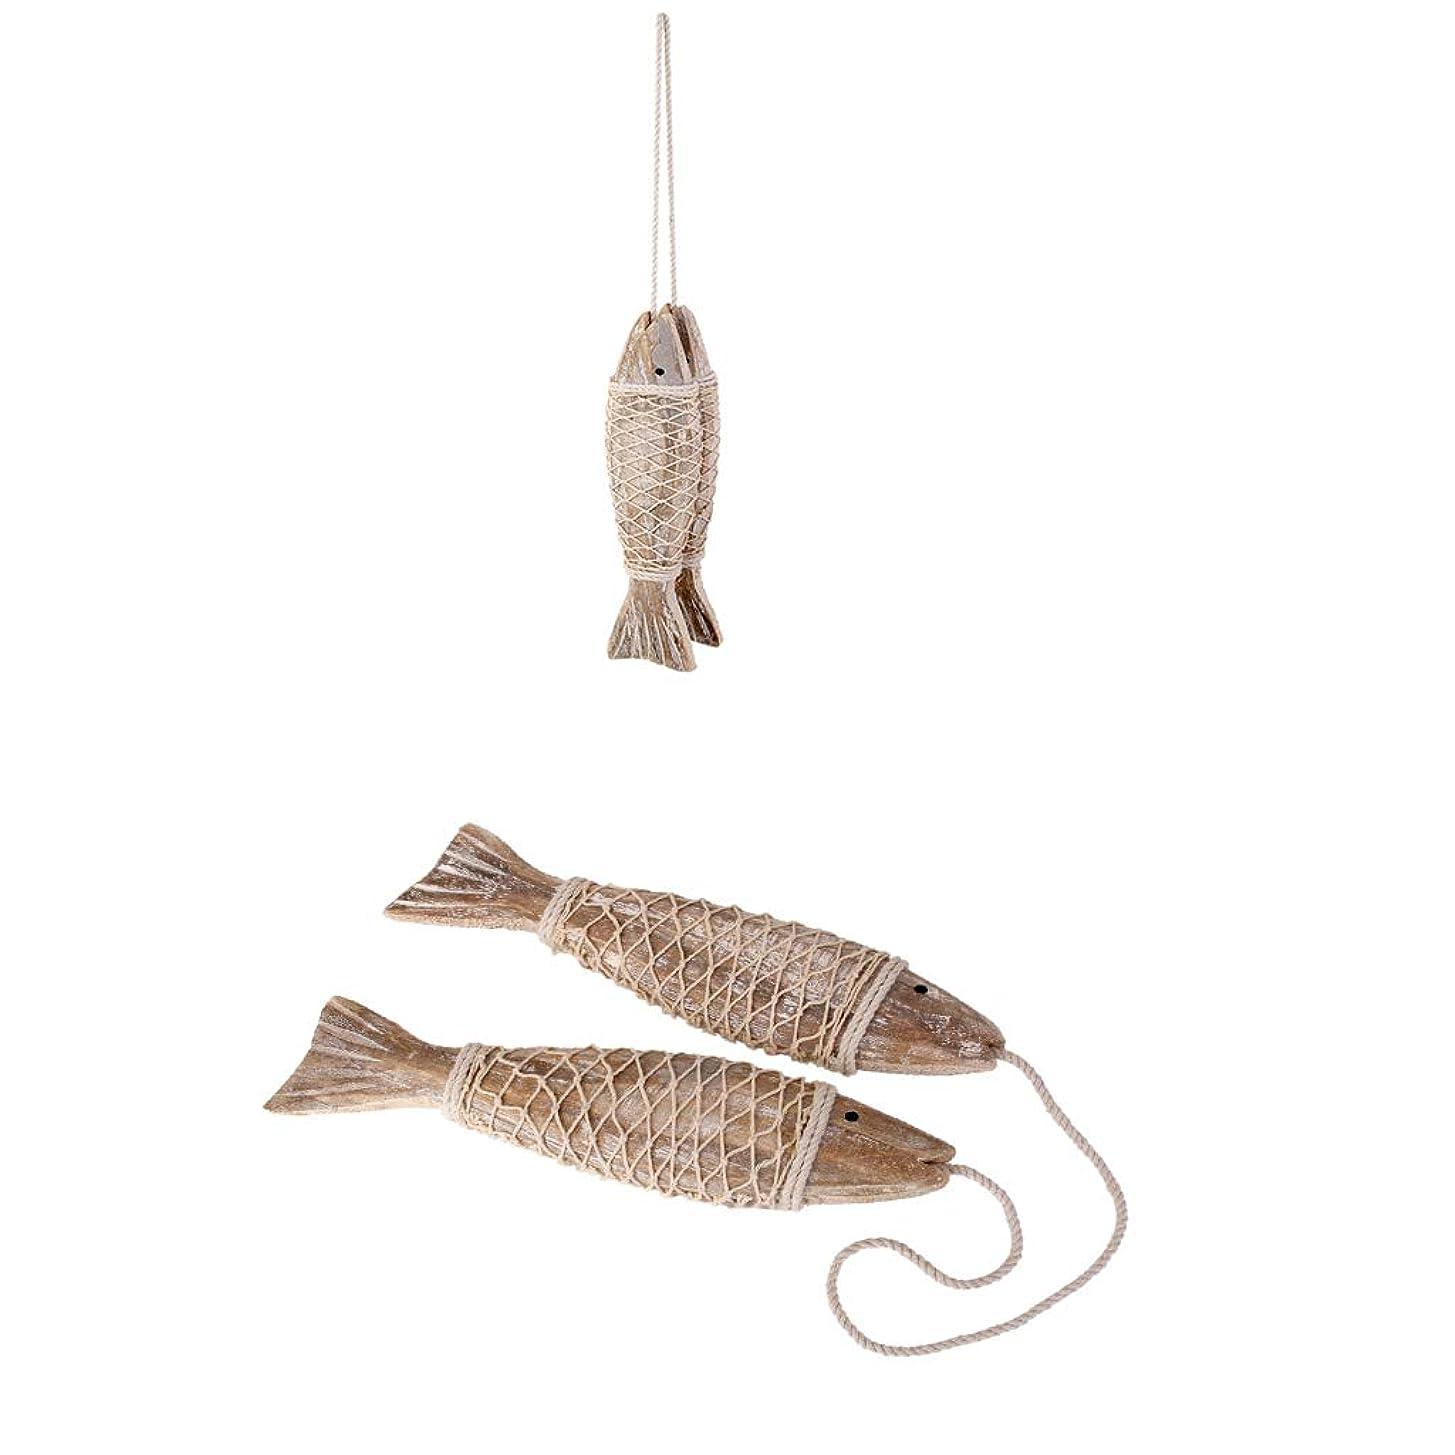 カスタム発明補助金FutuHome 4 X航海の魚の像ぶら下げクラフト木製魚フィギュアオーシャンビーチデッキ飾り